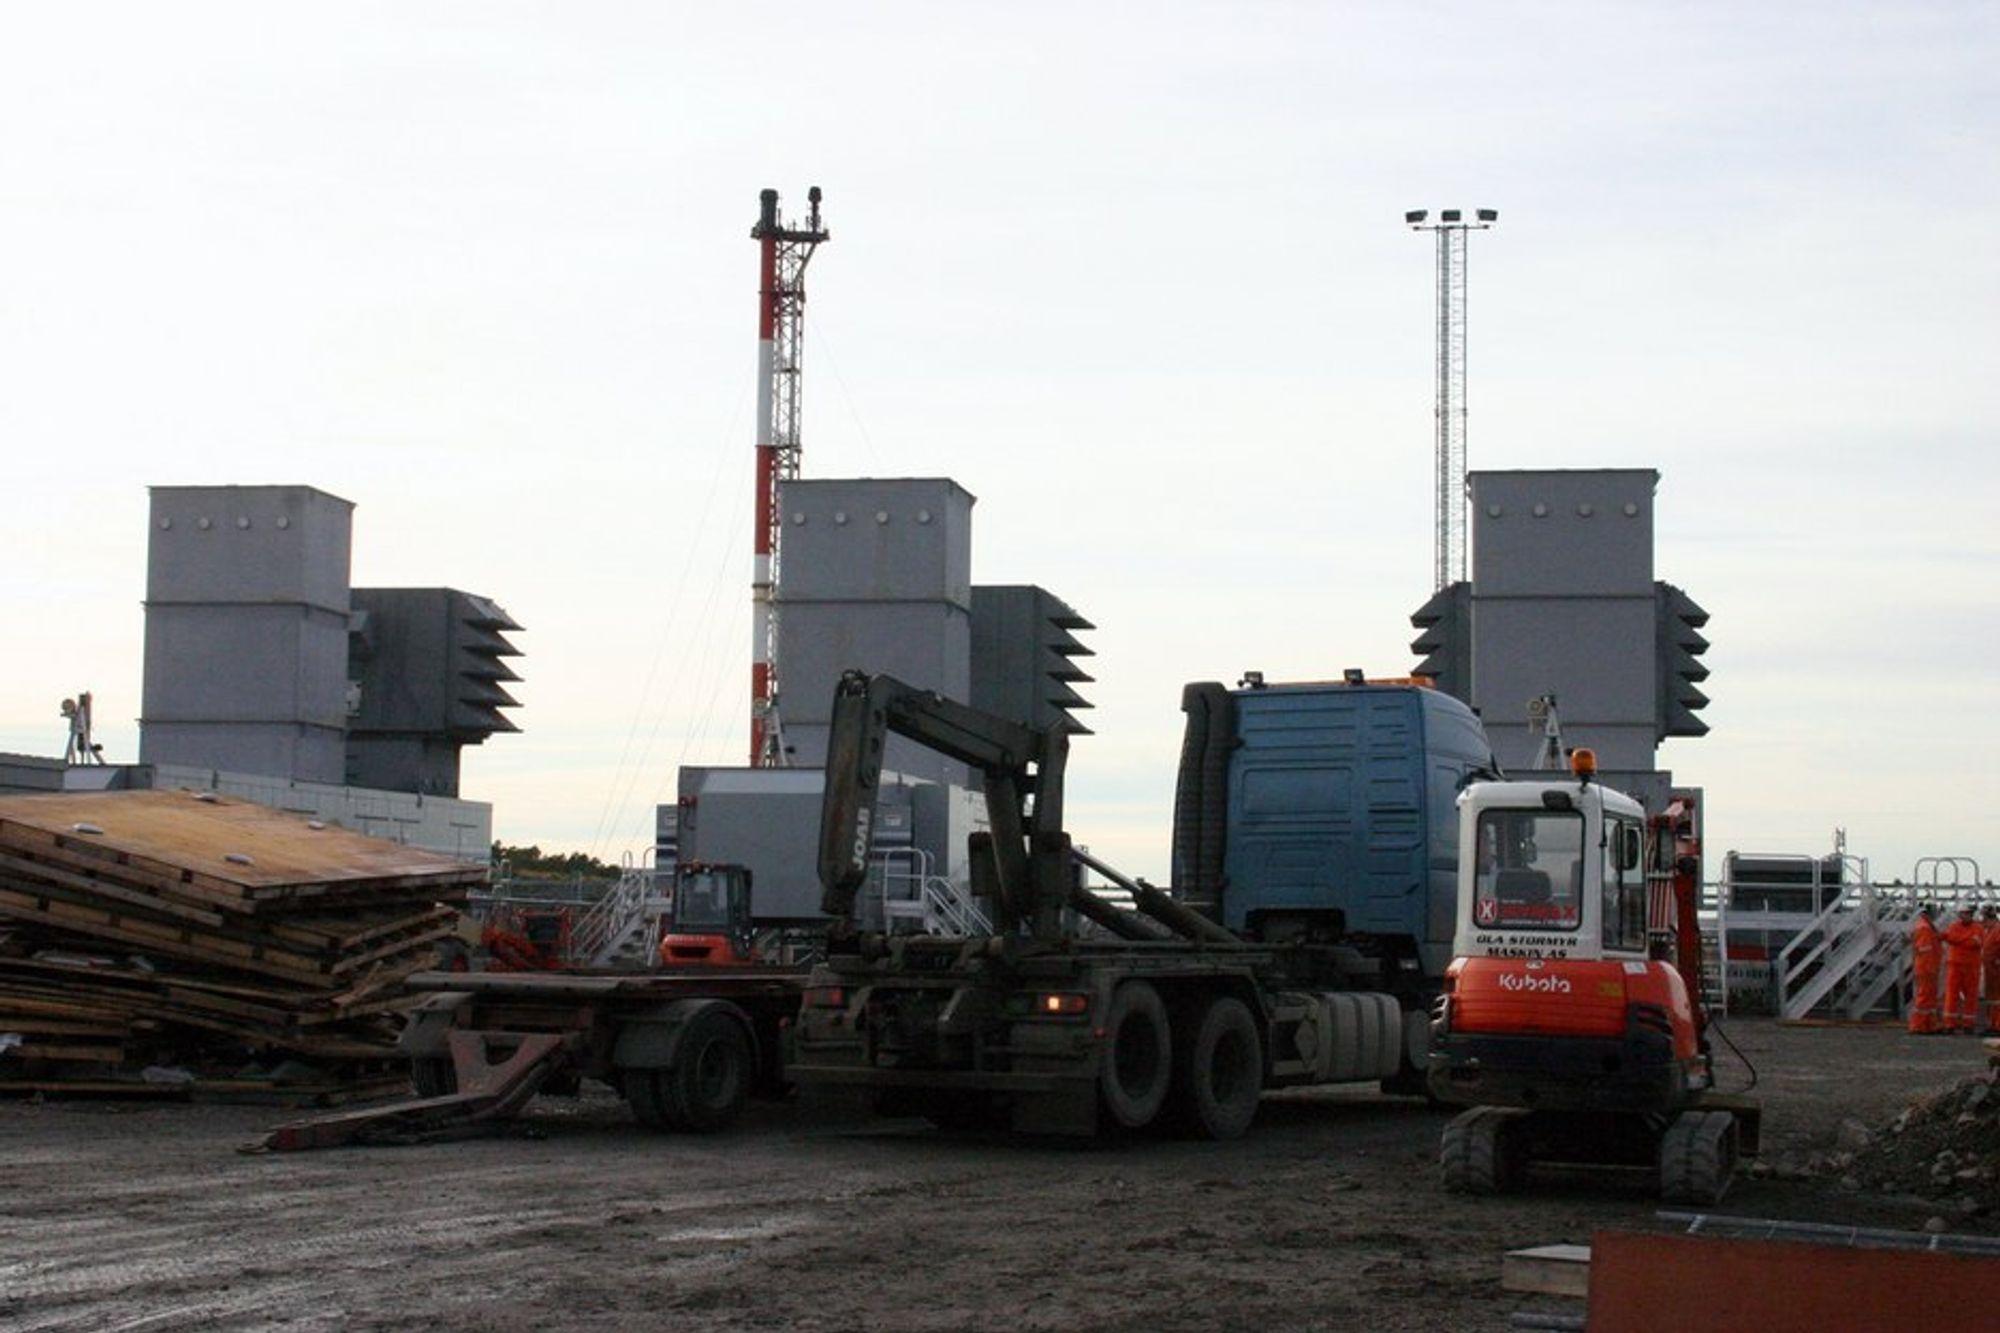 FLYTTING: Statnett  vurderere å sette opp et mobilt gasskraftverk i Bergensområdet får  sikre kraft til området. Detkan bli aktuelt å flytte et fra Midt-Norge.